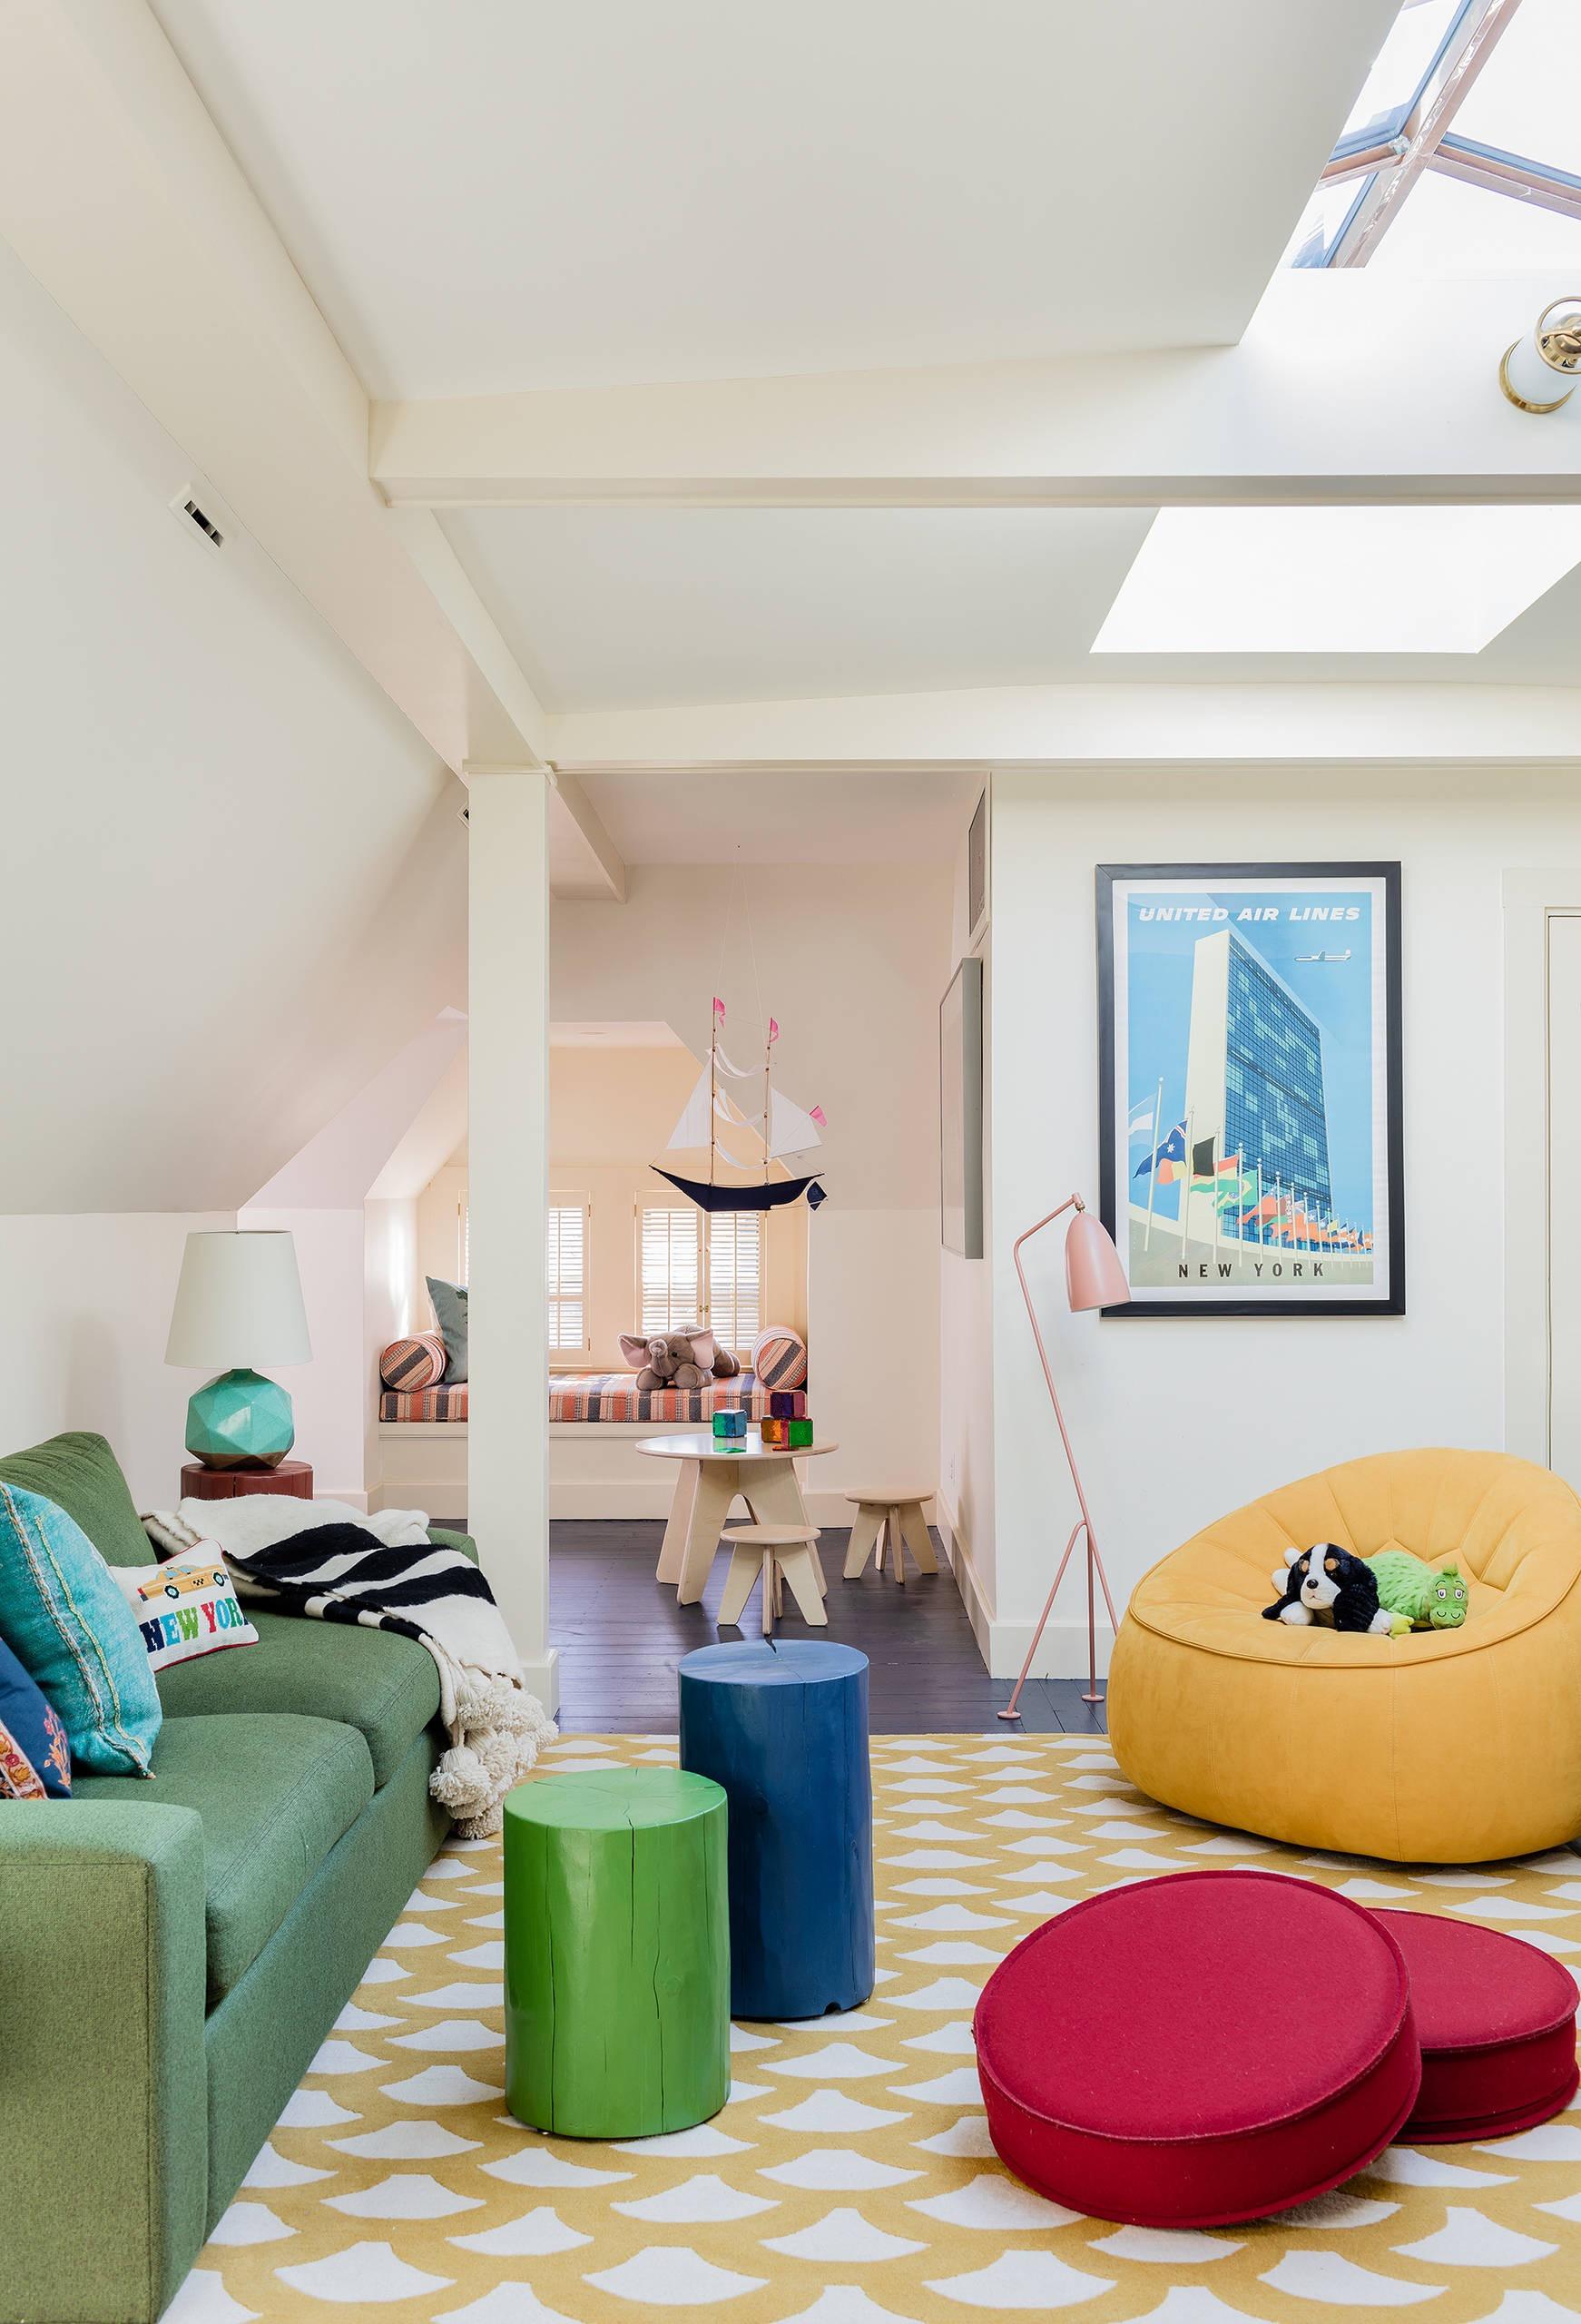 Quer deixar a casa mais animada? Que tal colocar puff redondo colorido em cada cômodo da casa?